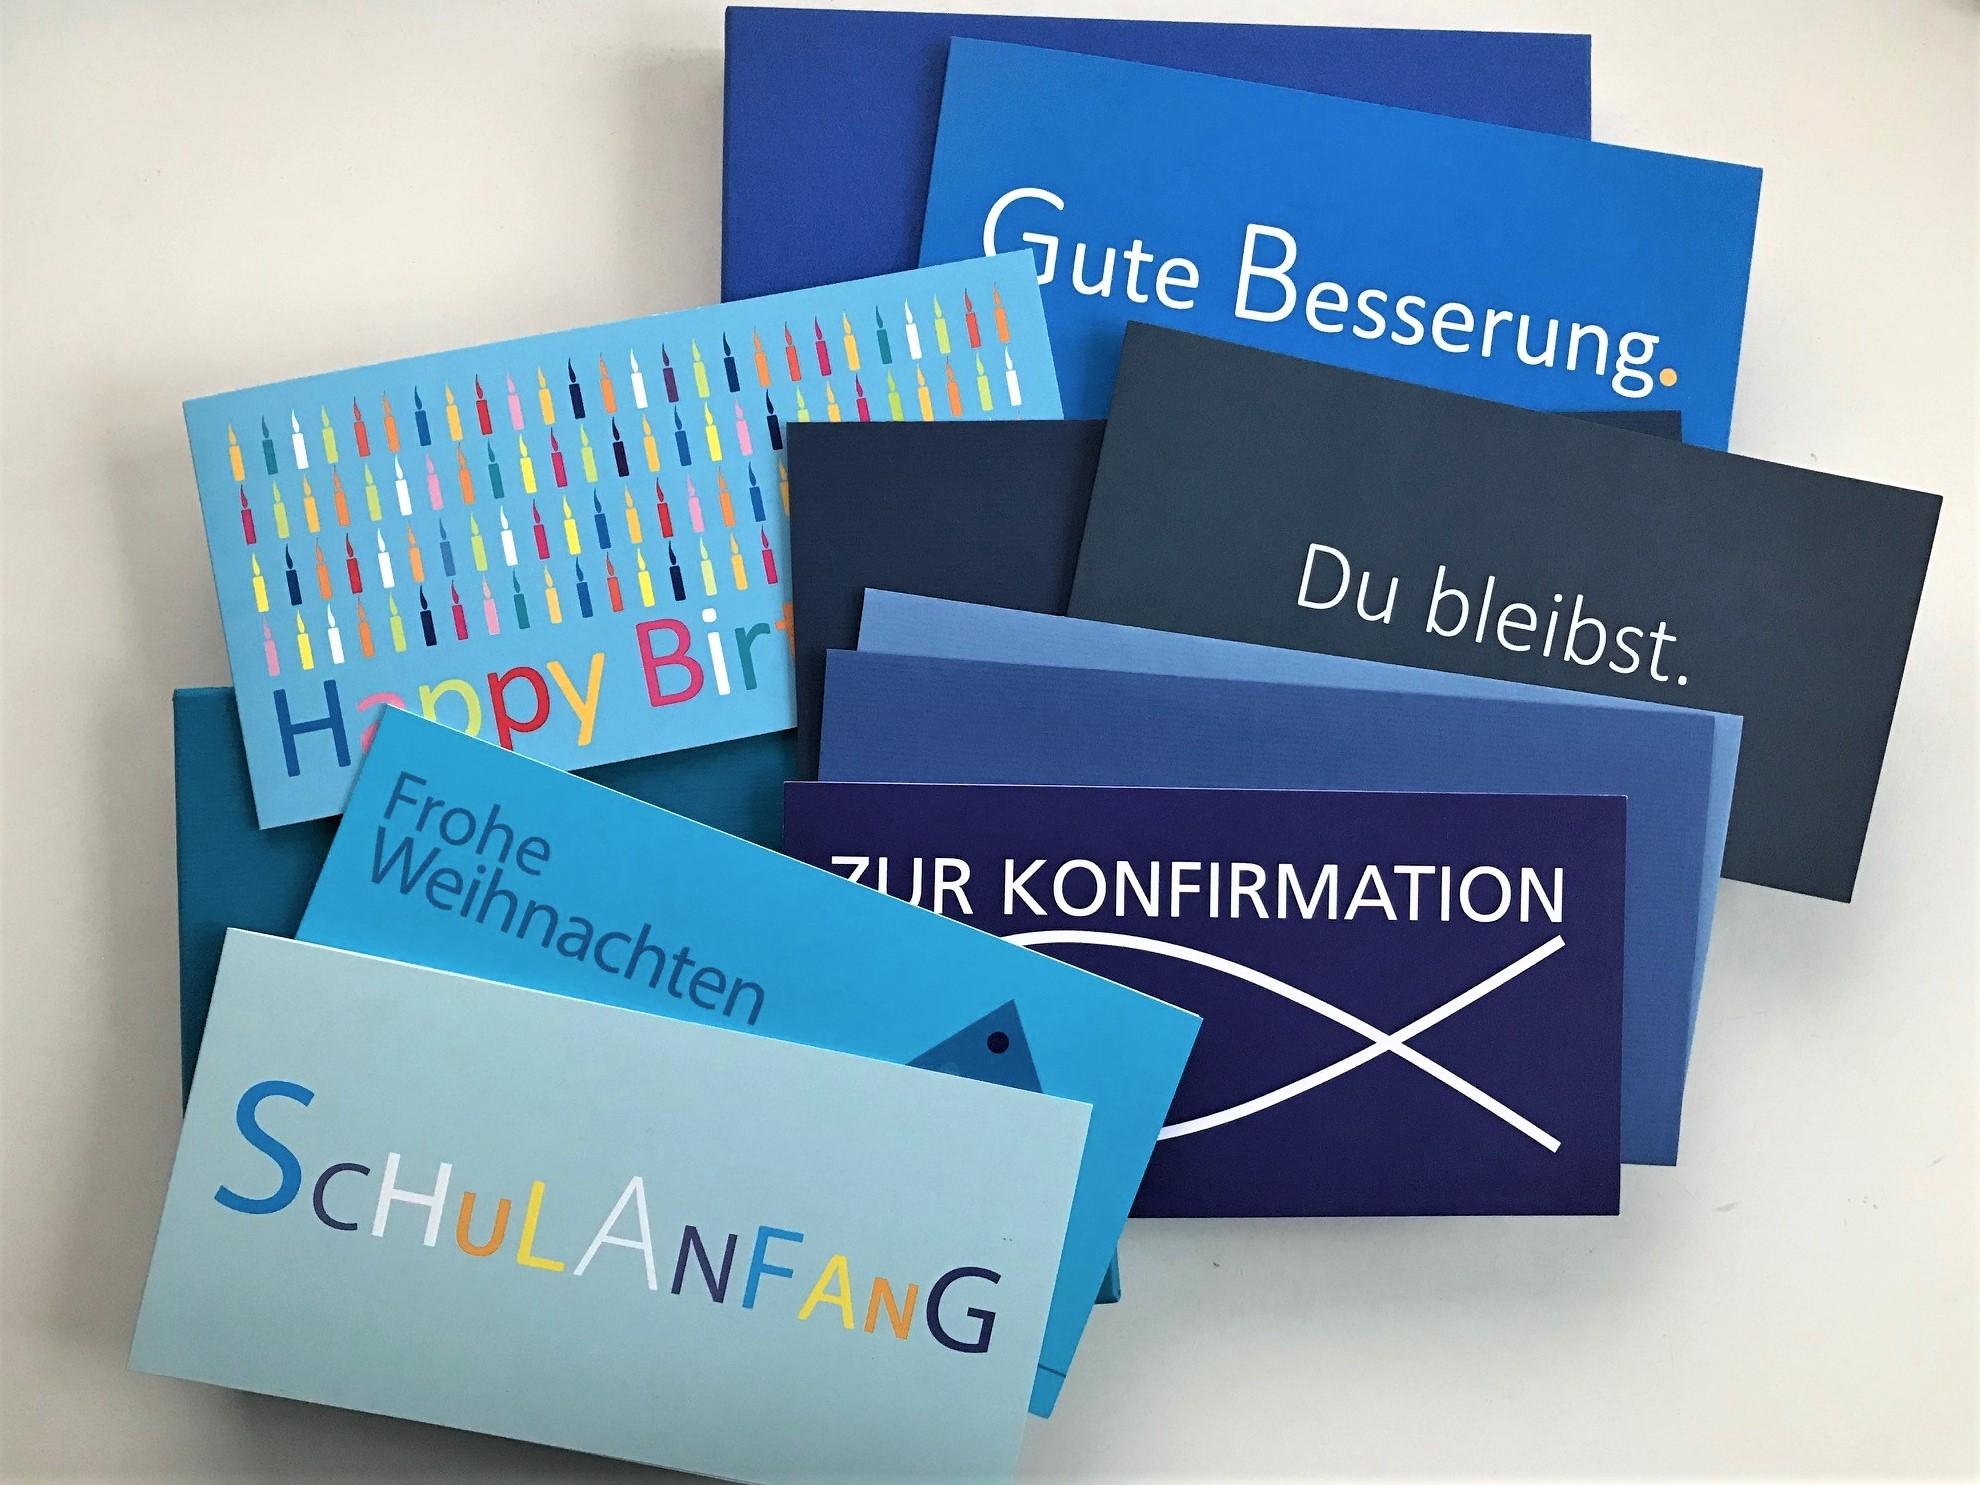 Grusskarten-und-Papeteria-in-der-Lieblingsfarbe-blau_grusskarten-design